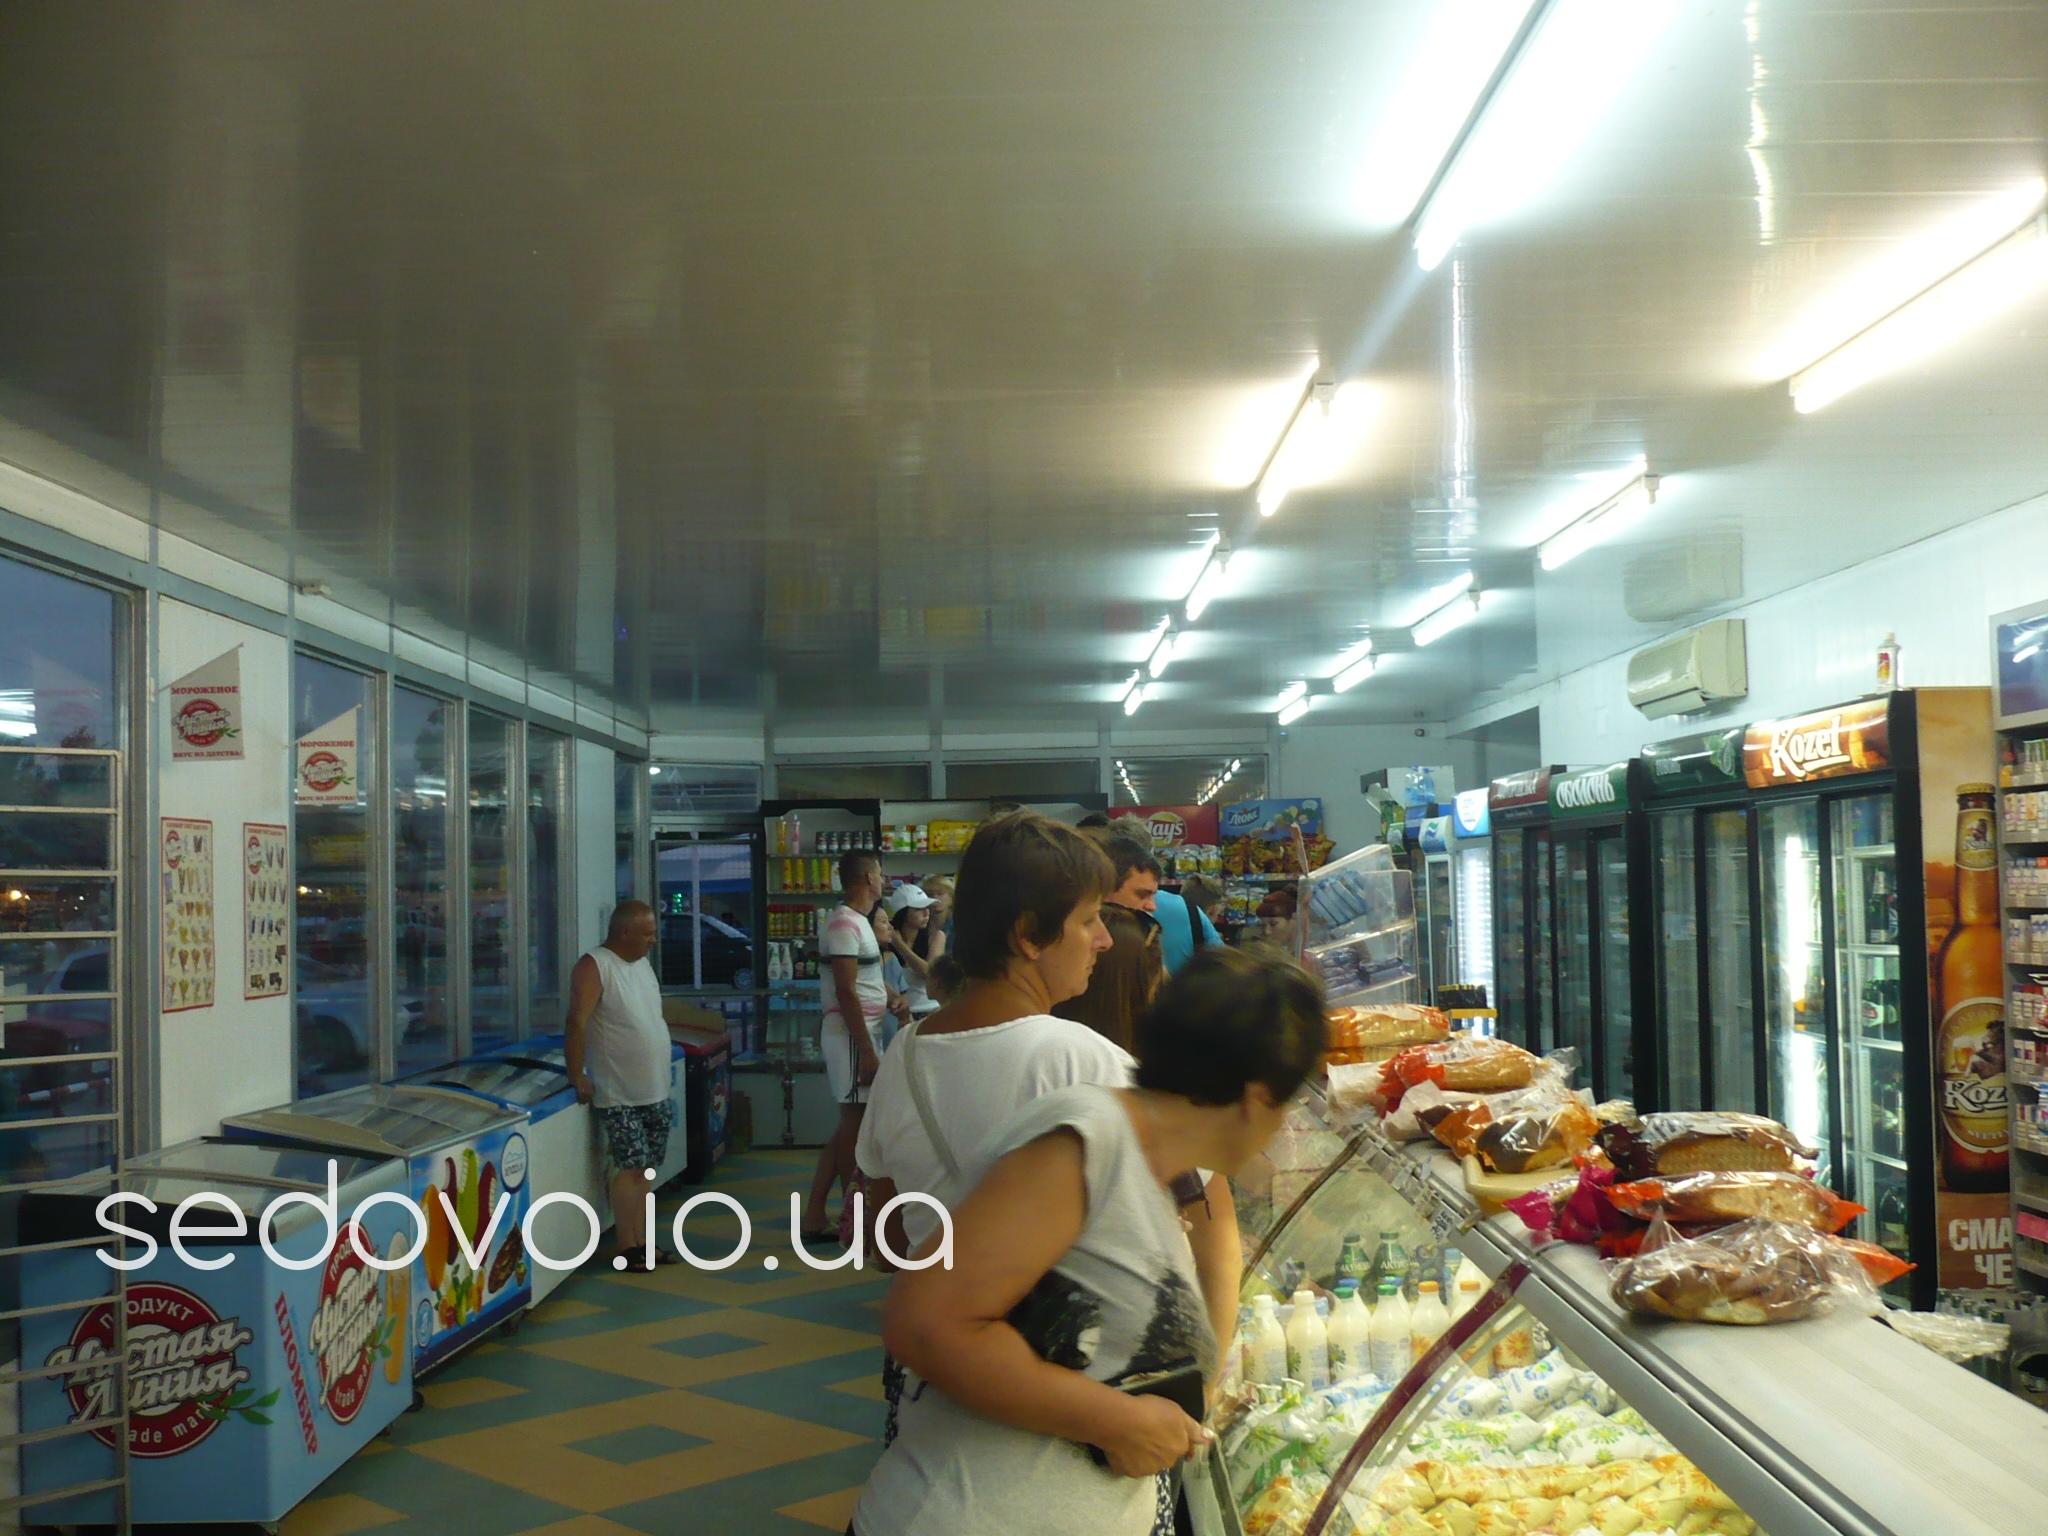 Седово магазин супермаркет цены на продукты